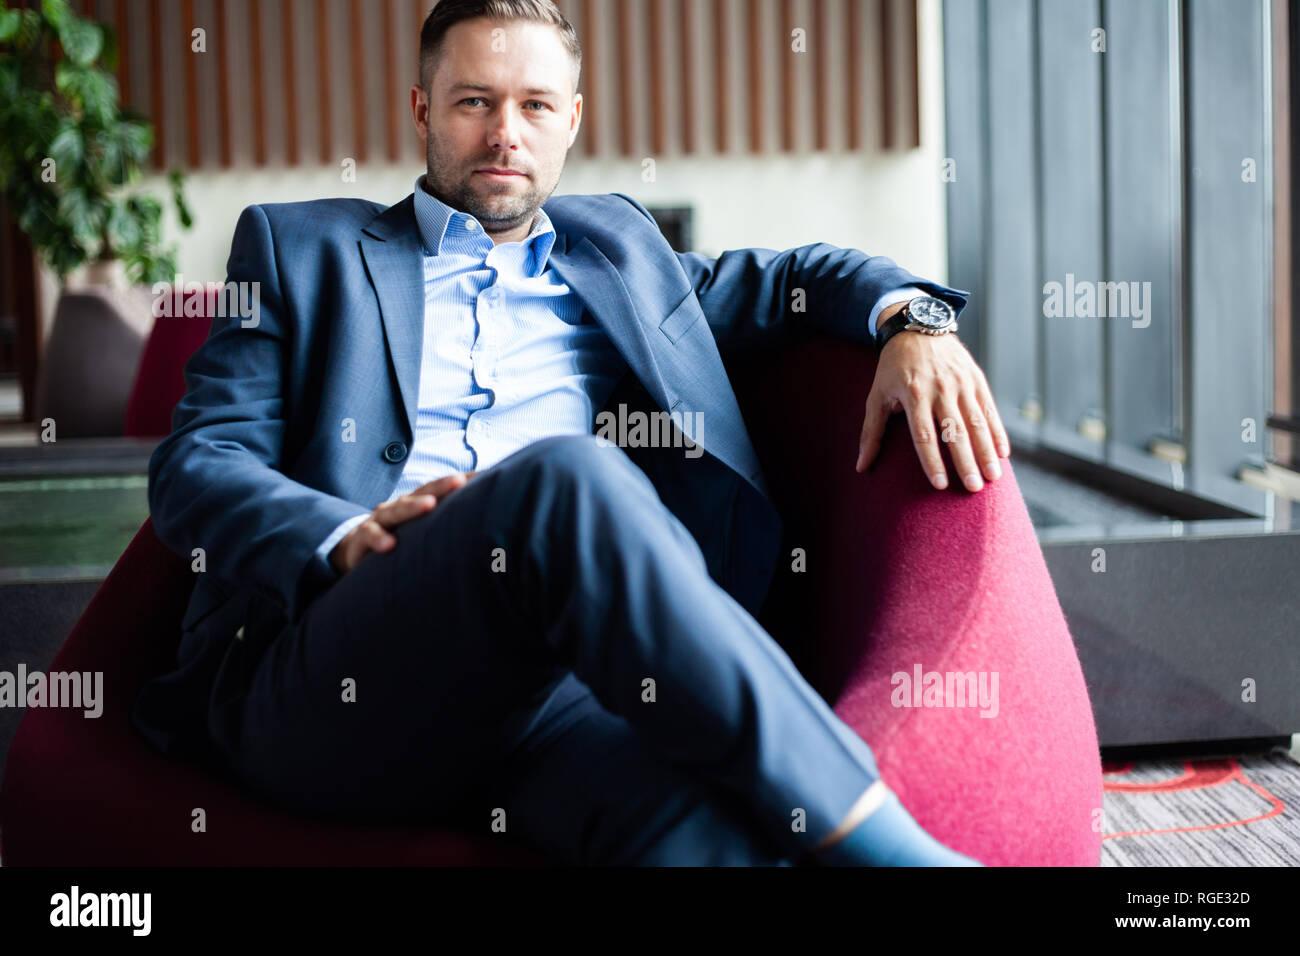 Disfrute cada día de su vida. Empresario positivo sentado en el sofá mientras descansa en la oficina, guapo tiene una rotura en el vestíbulo del hotel. Imagen De Stock